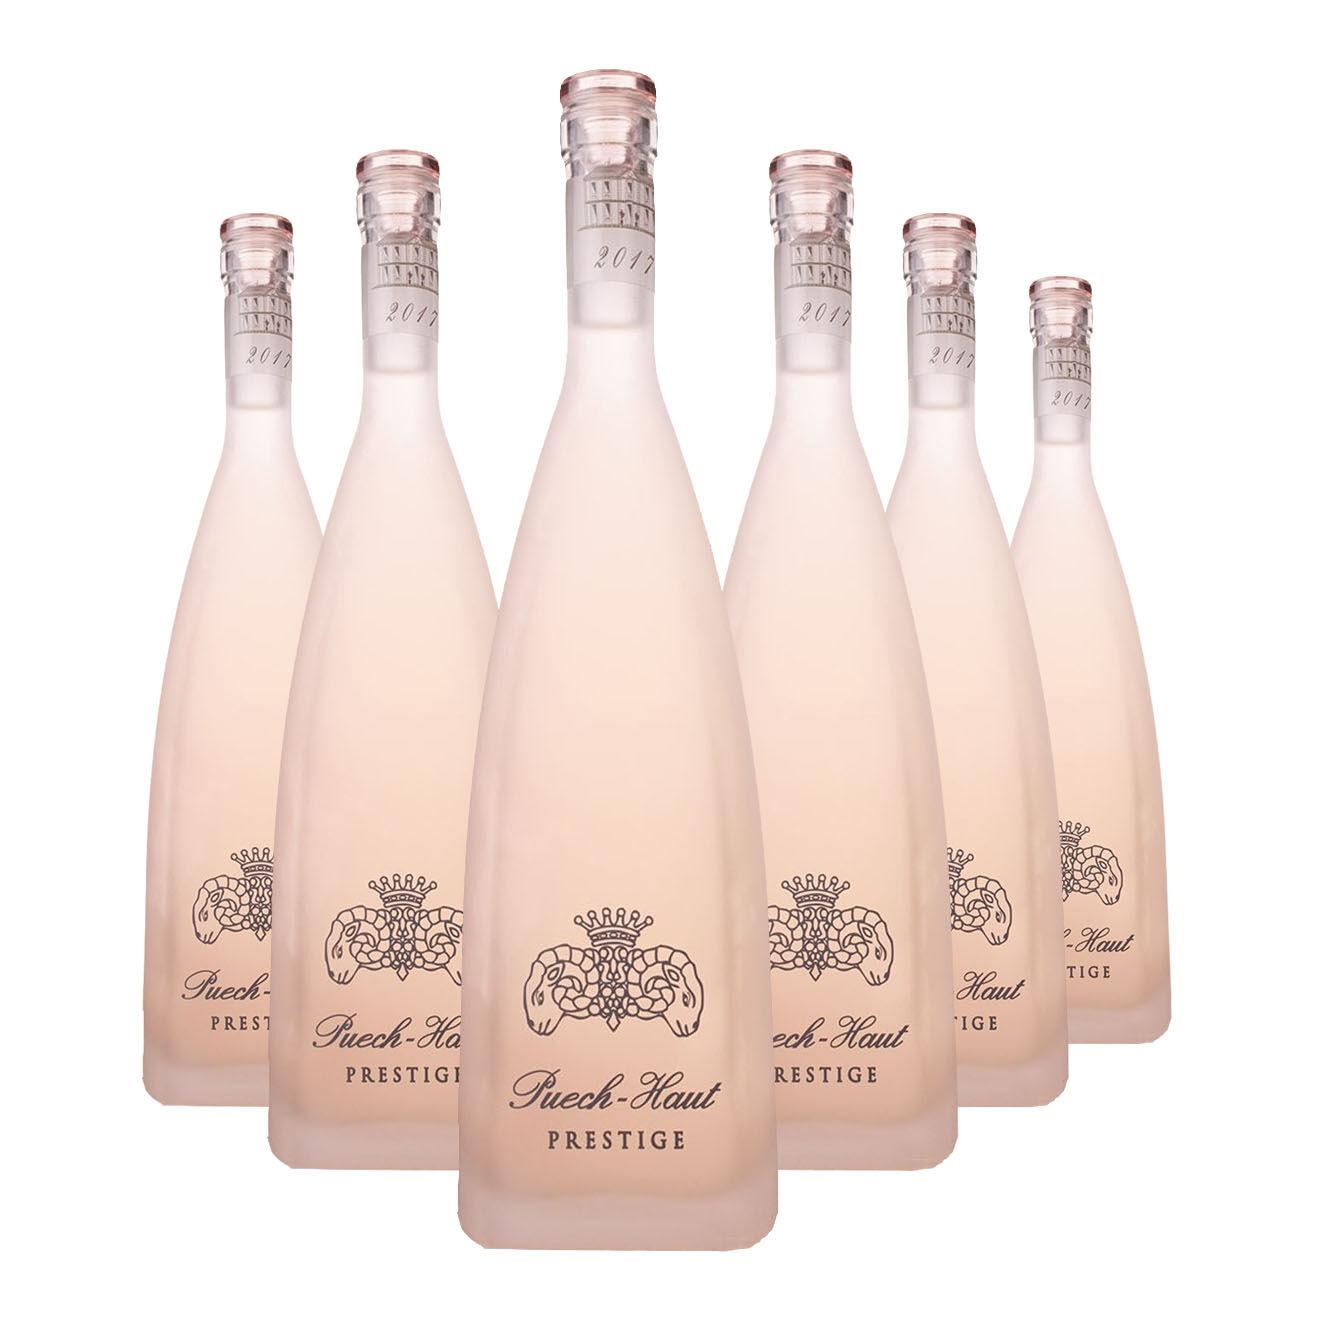 6 Côteaux-du-Languedoc Prestige 2017 Ch. Puech-Haut 75cl